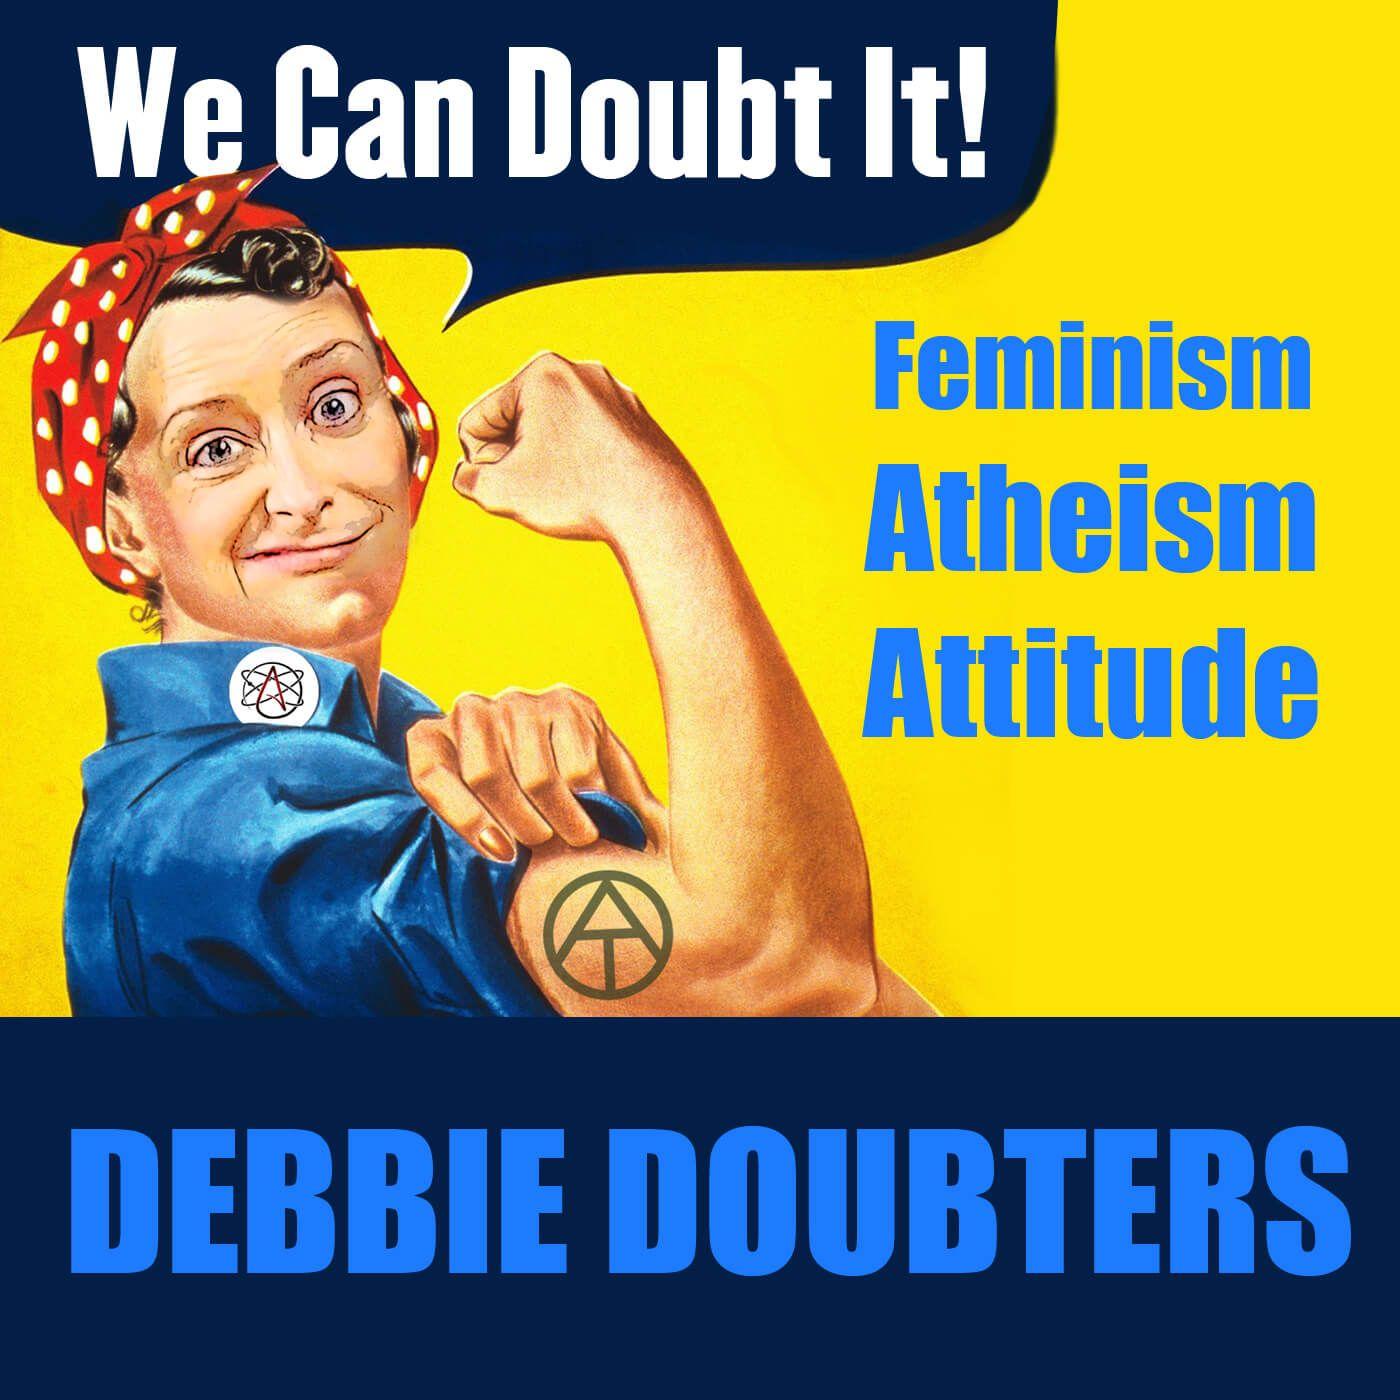 Debbie Doubters